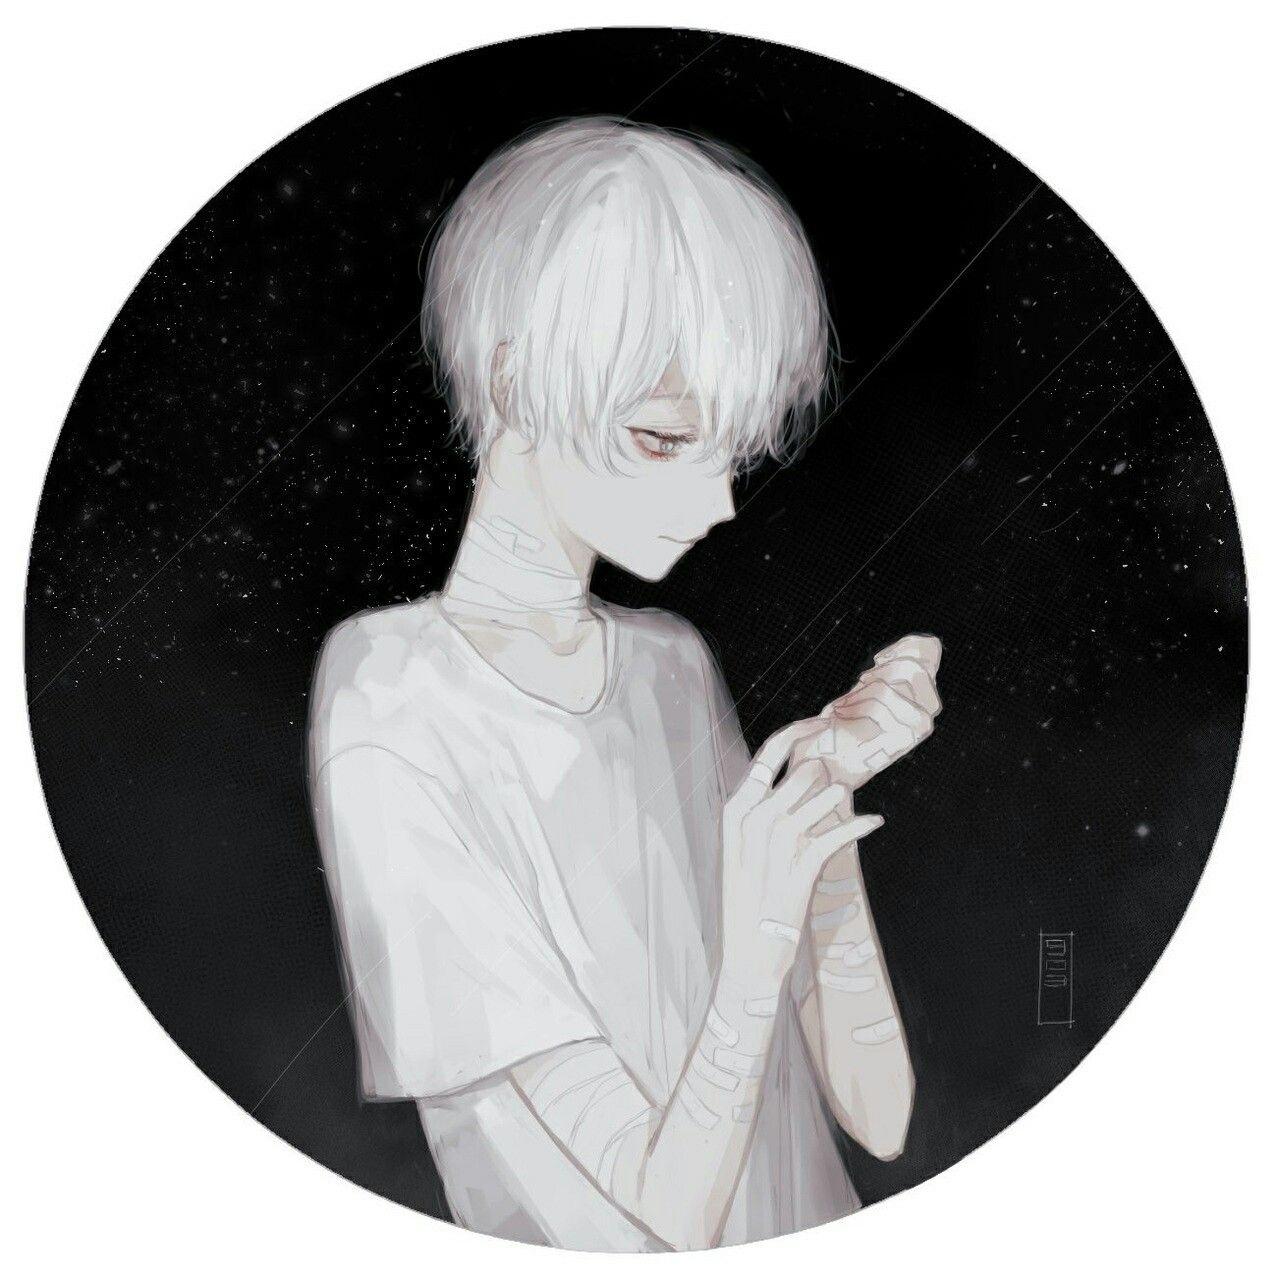 Ghim của S. trên Eastern Boys (art) Anime, Hình minh họa